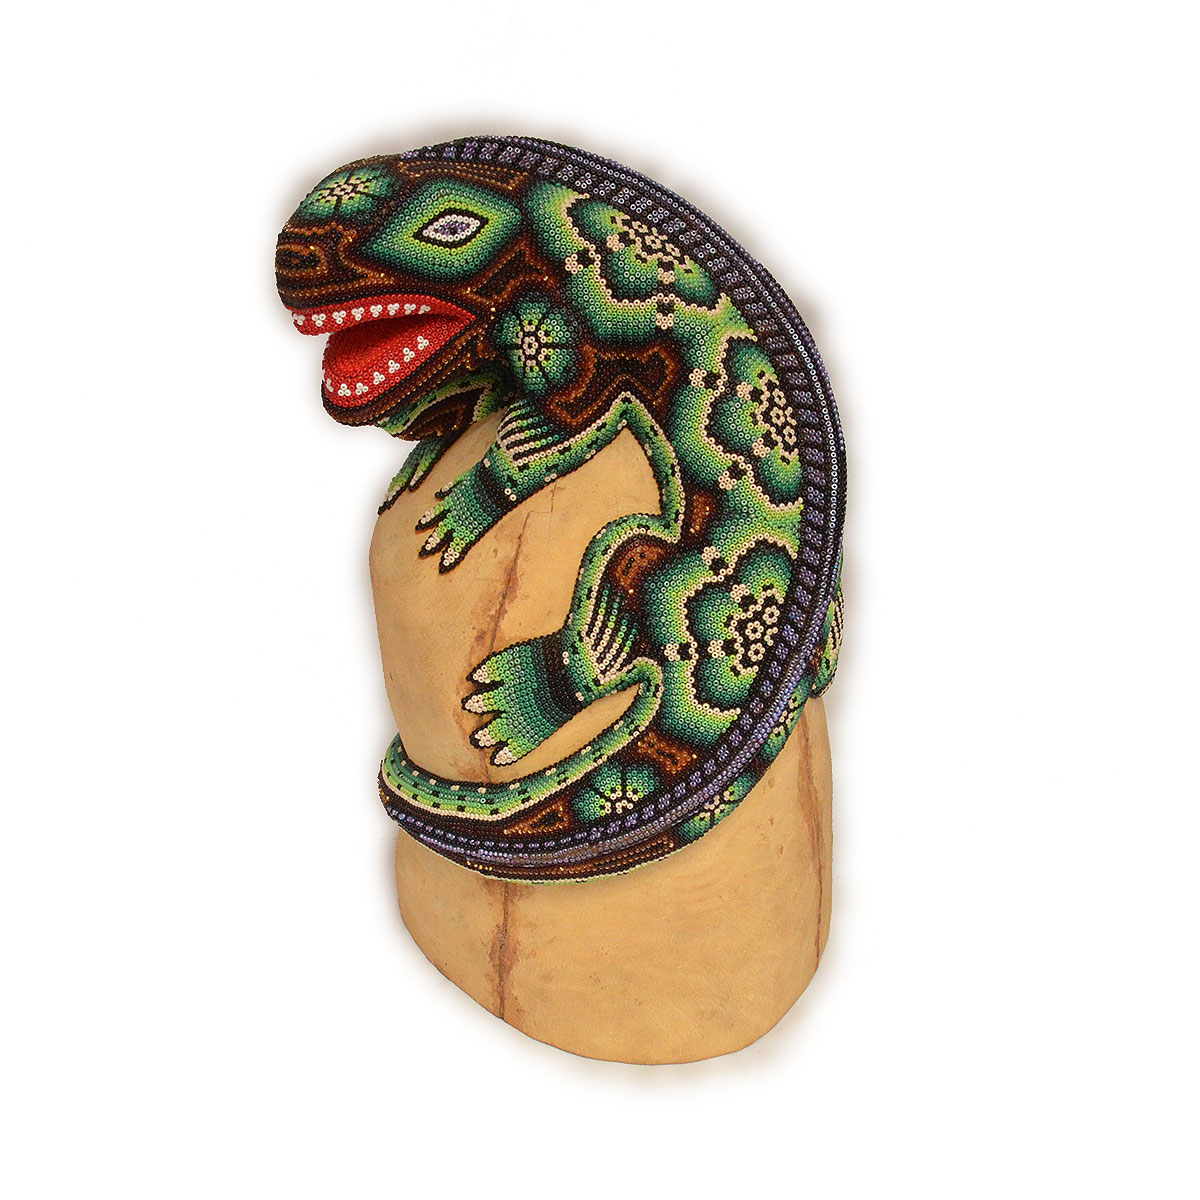 Wixárika (Huichol) Art Large Huichol BeadedLizard Wood Carving with Metallic Beads Beaded